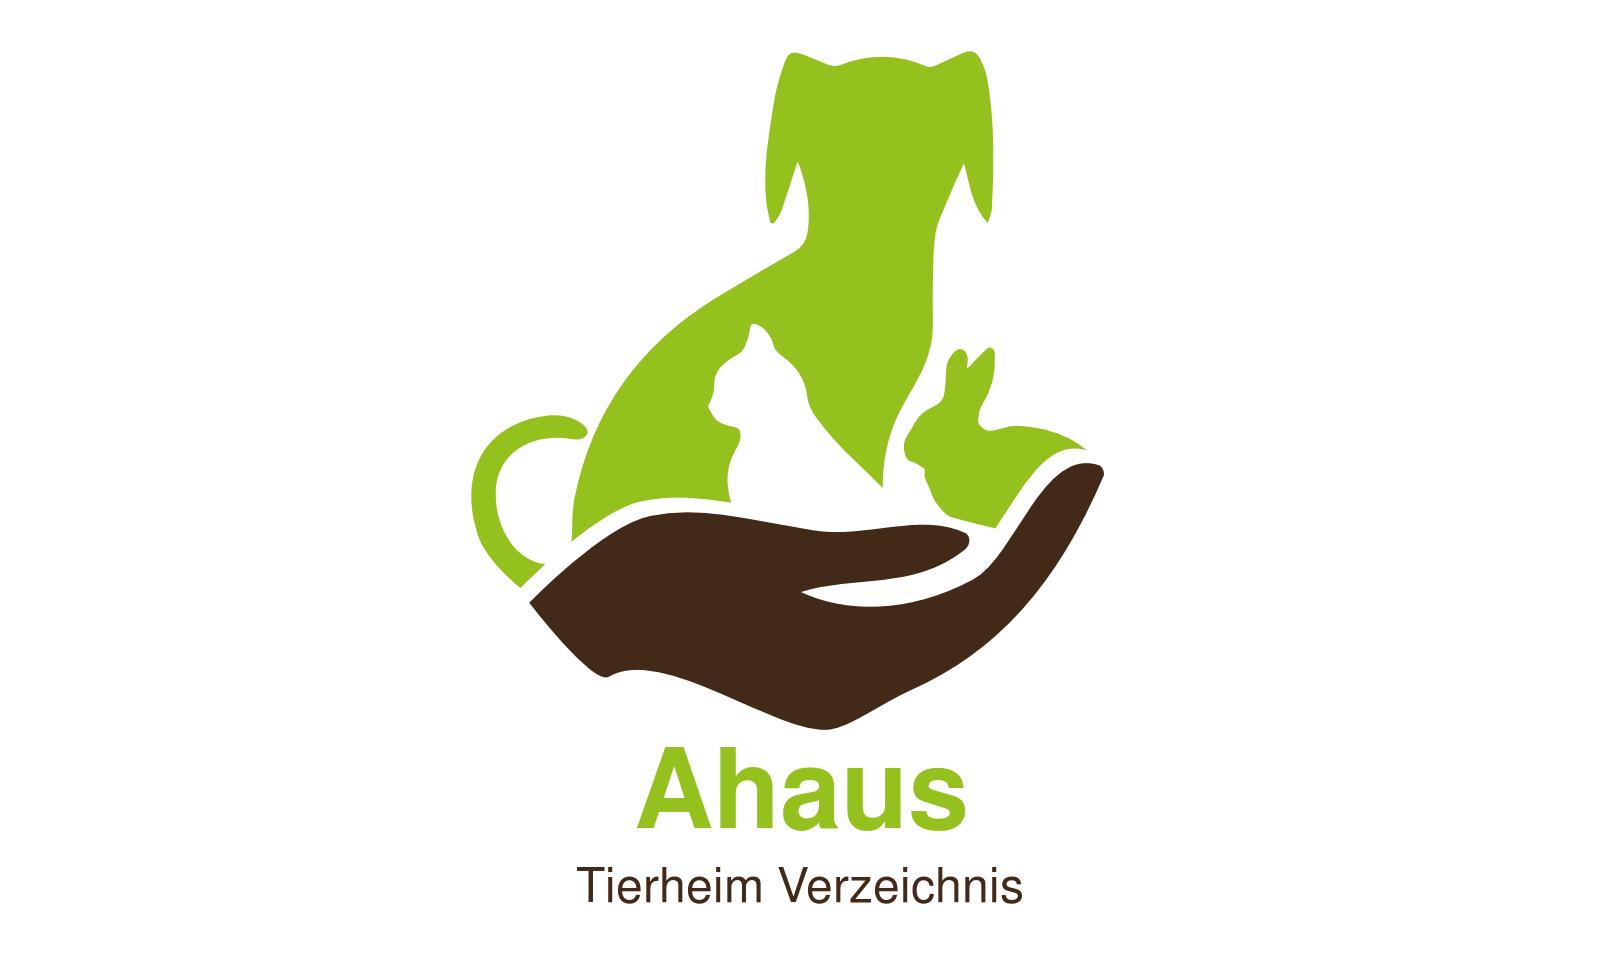 Tierheim Ahaus